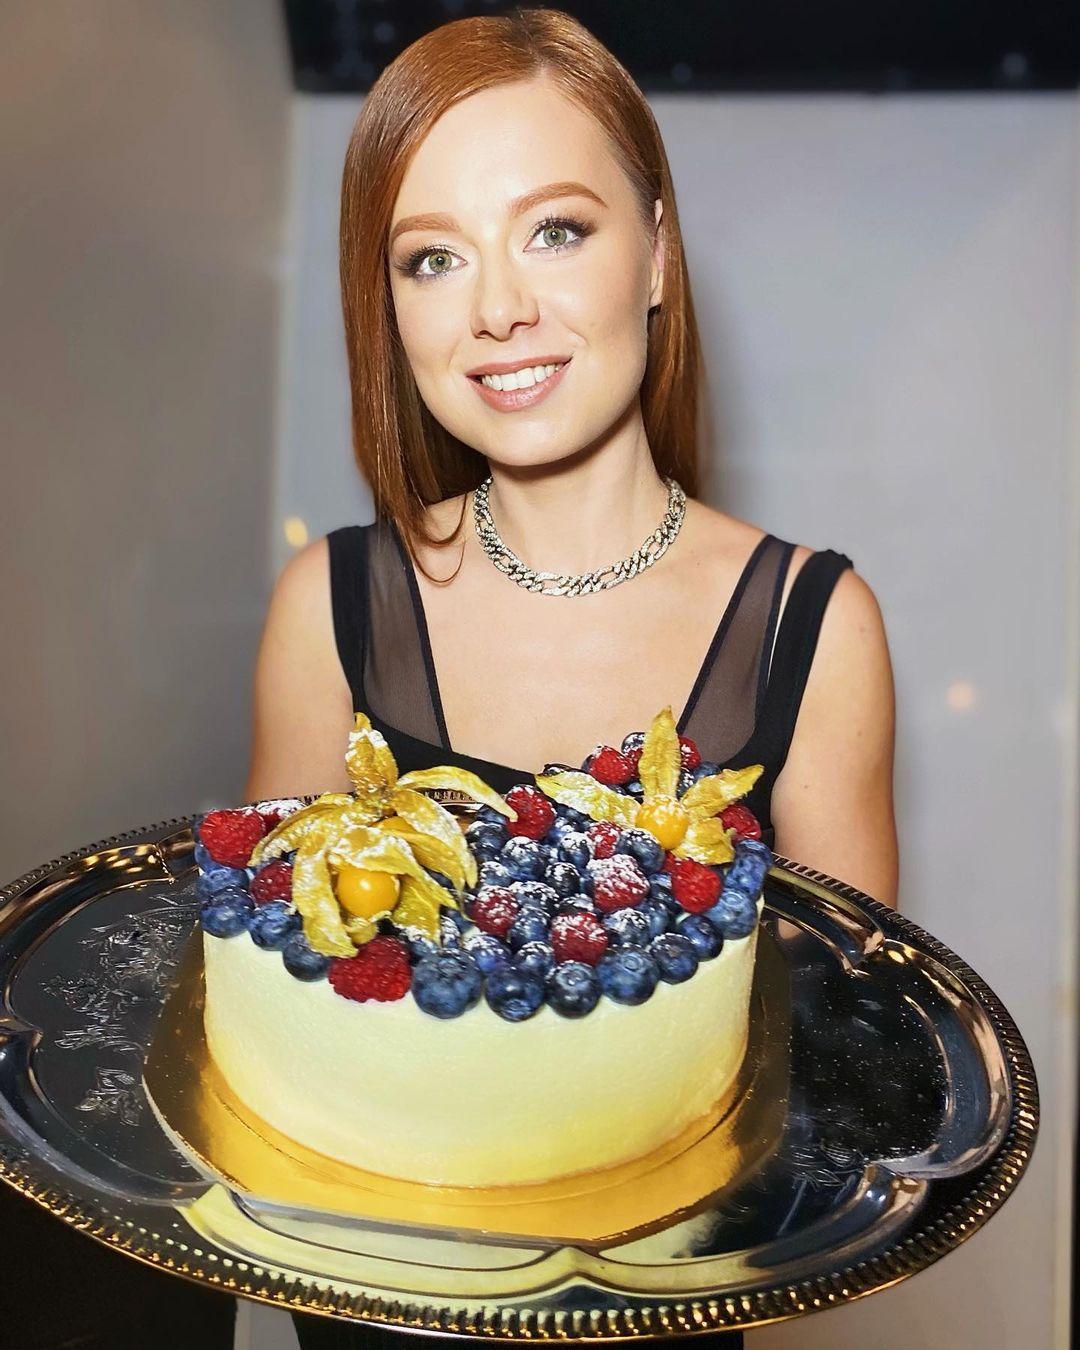 Торт, который Юлии Савичева приготовила специально для своих родителей.